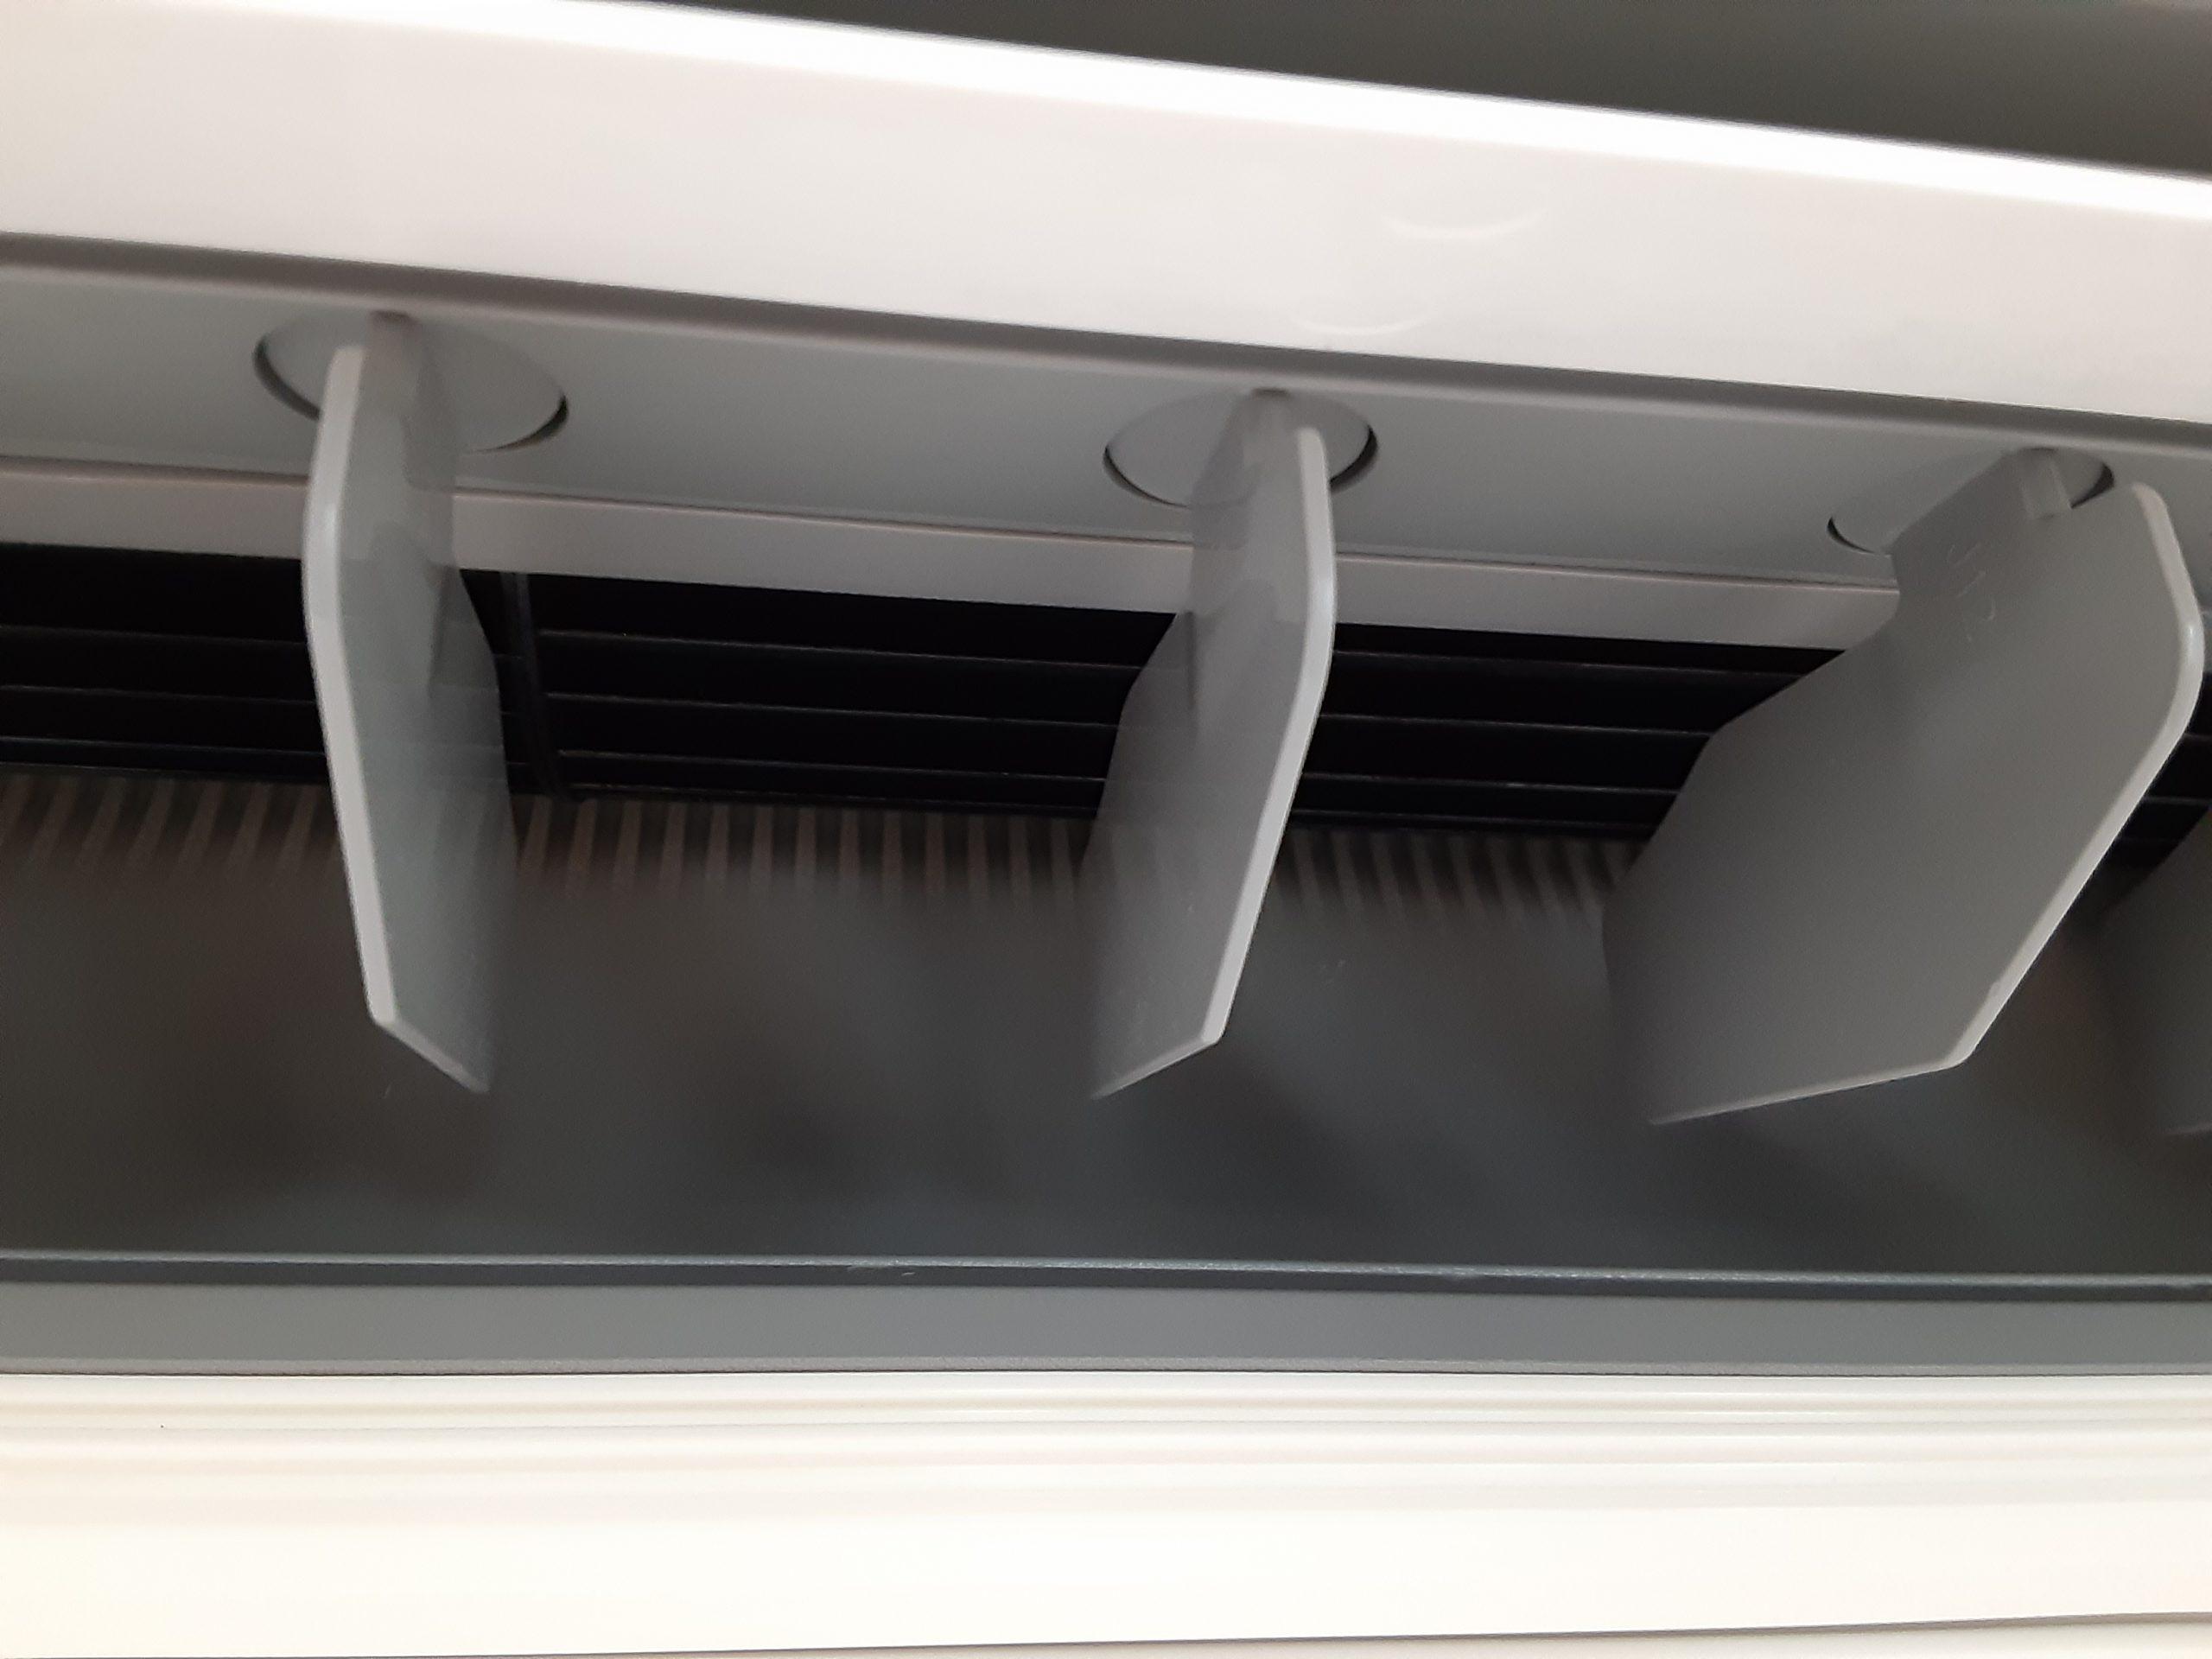 エアコンダブル洗浄クリーニング施工事例